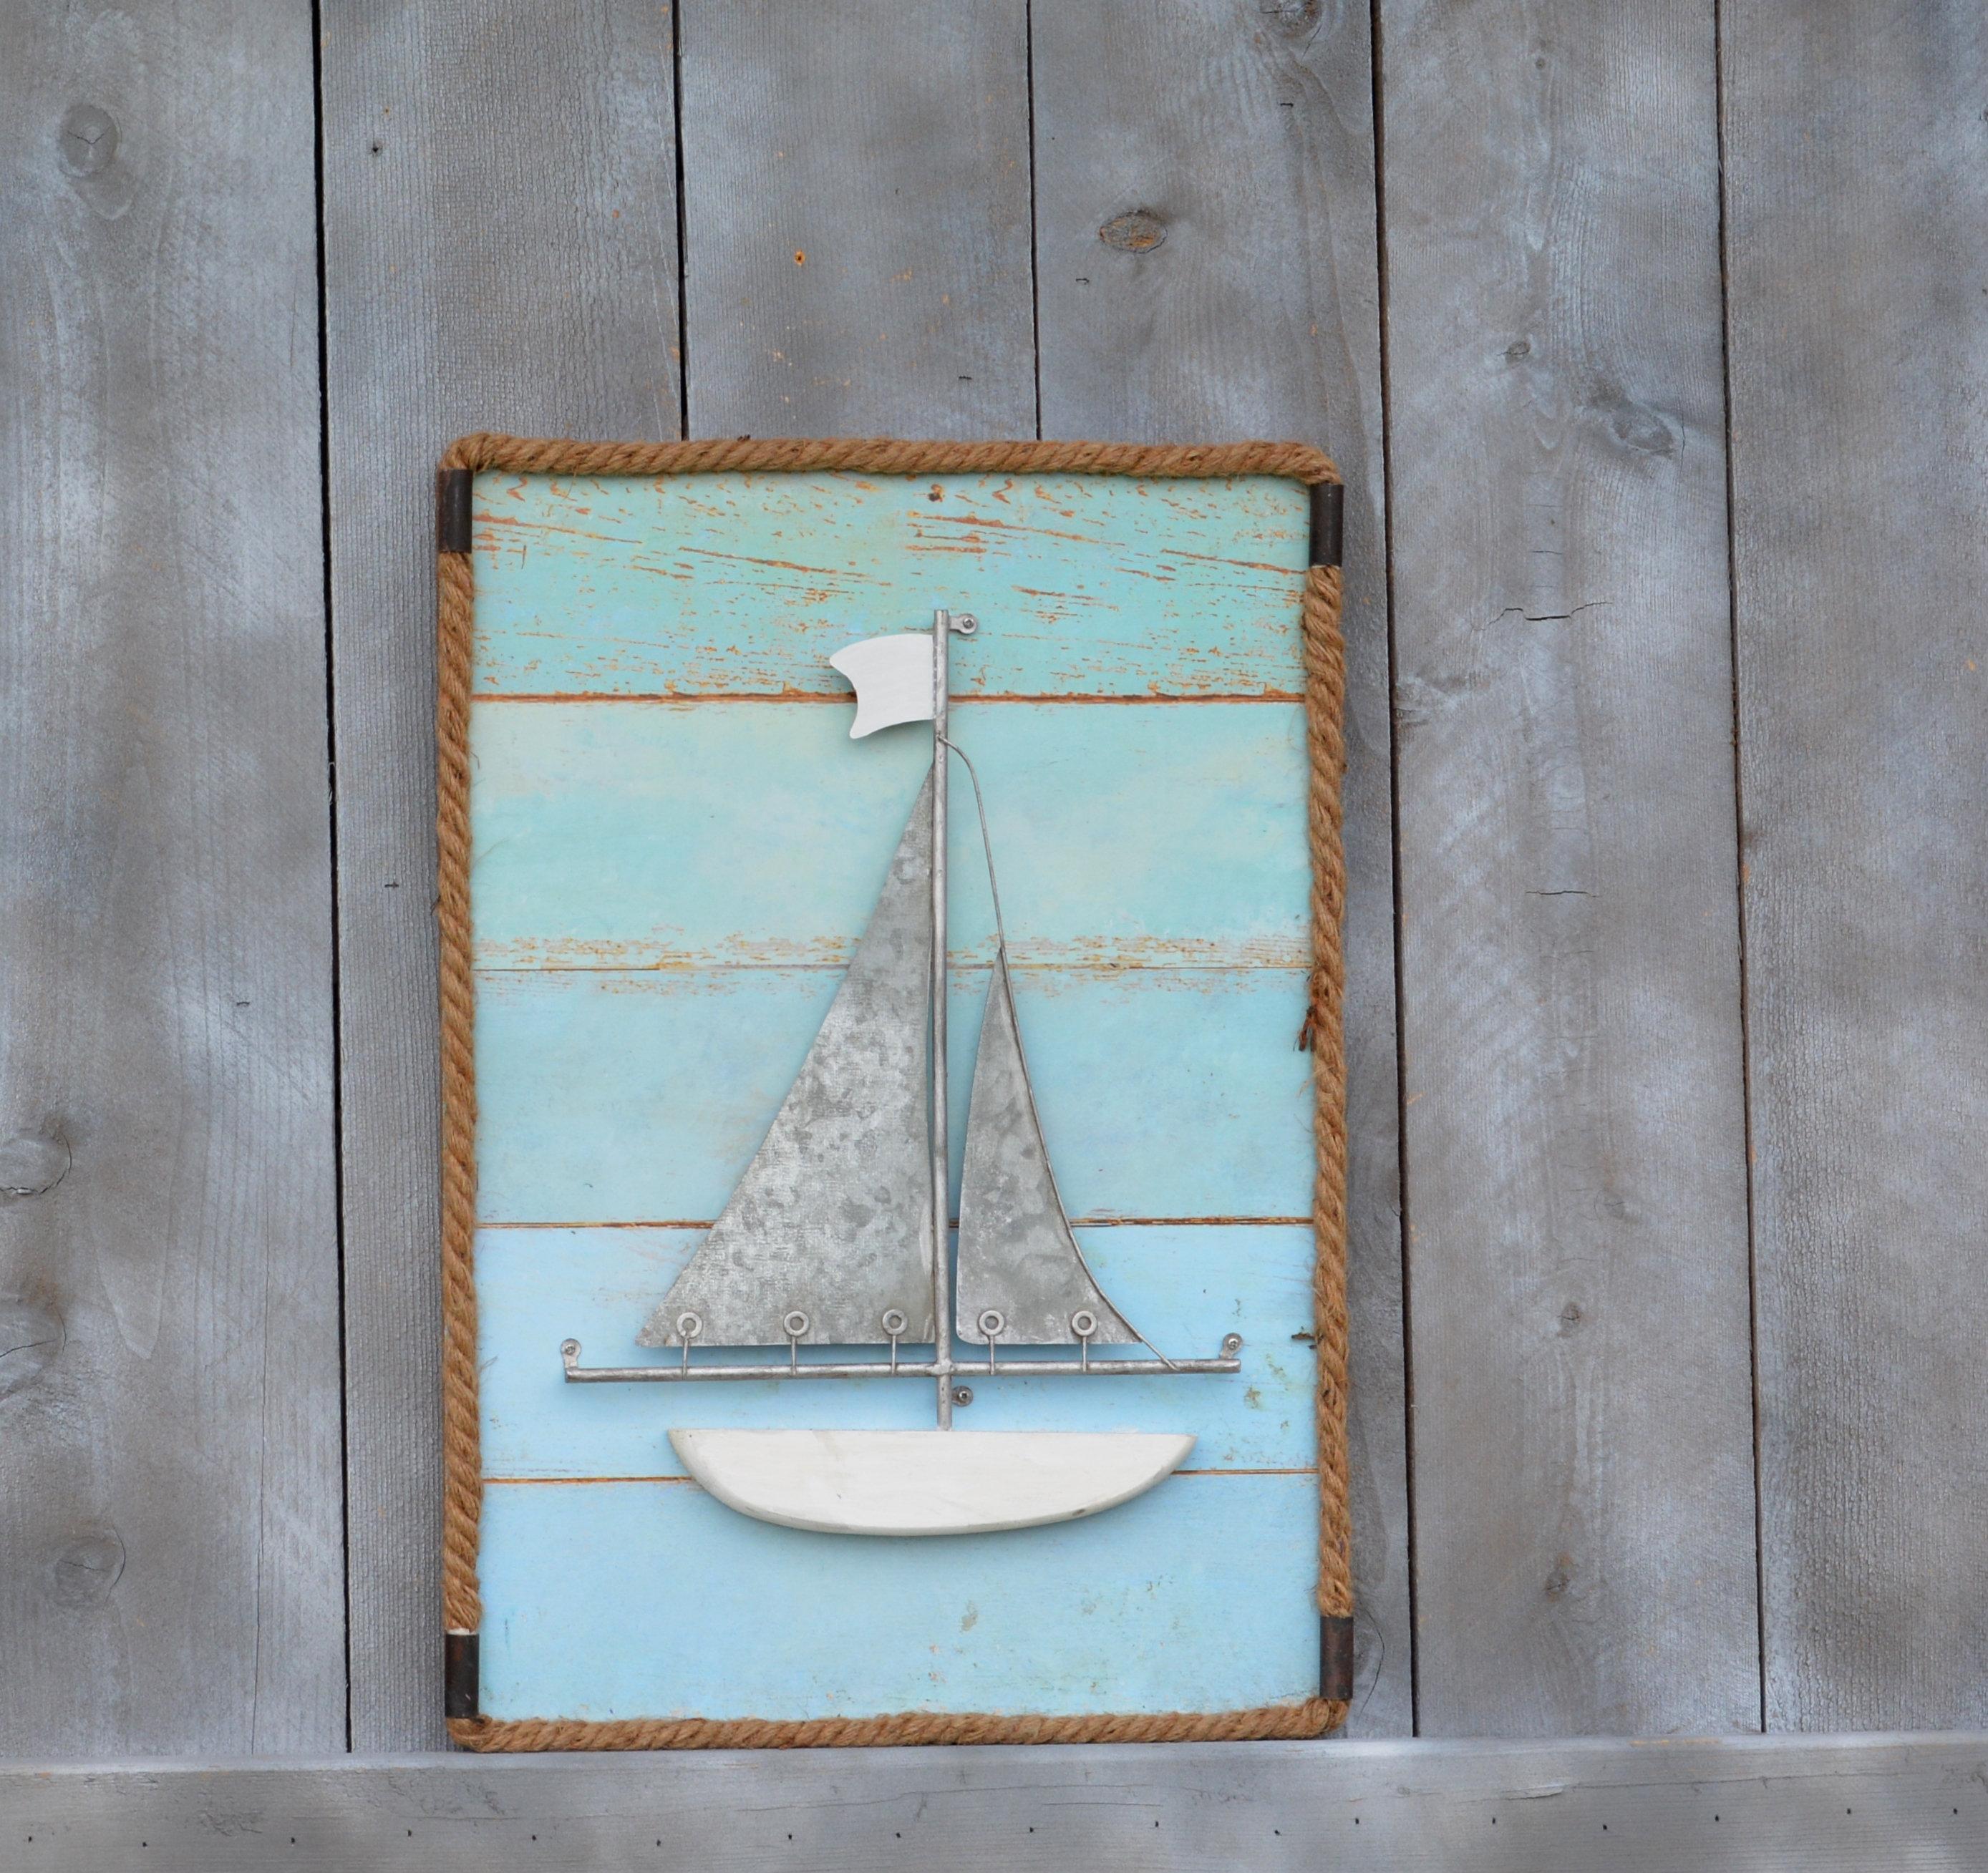 Sailboat Wood, Metal And Rope Wall Decor. Nautical Decor. Sailboat Art. Maritime Decor. Sailboat Wall Hanging. Sailboat. Coastal Decor (View 14 of 30)